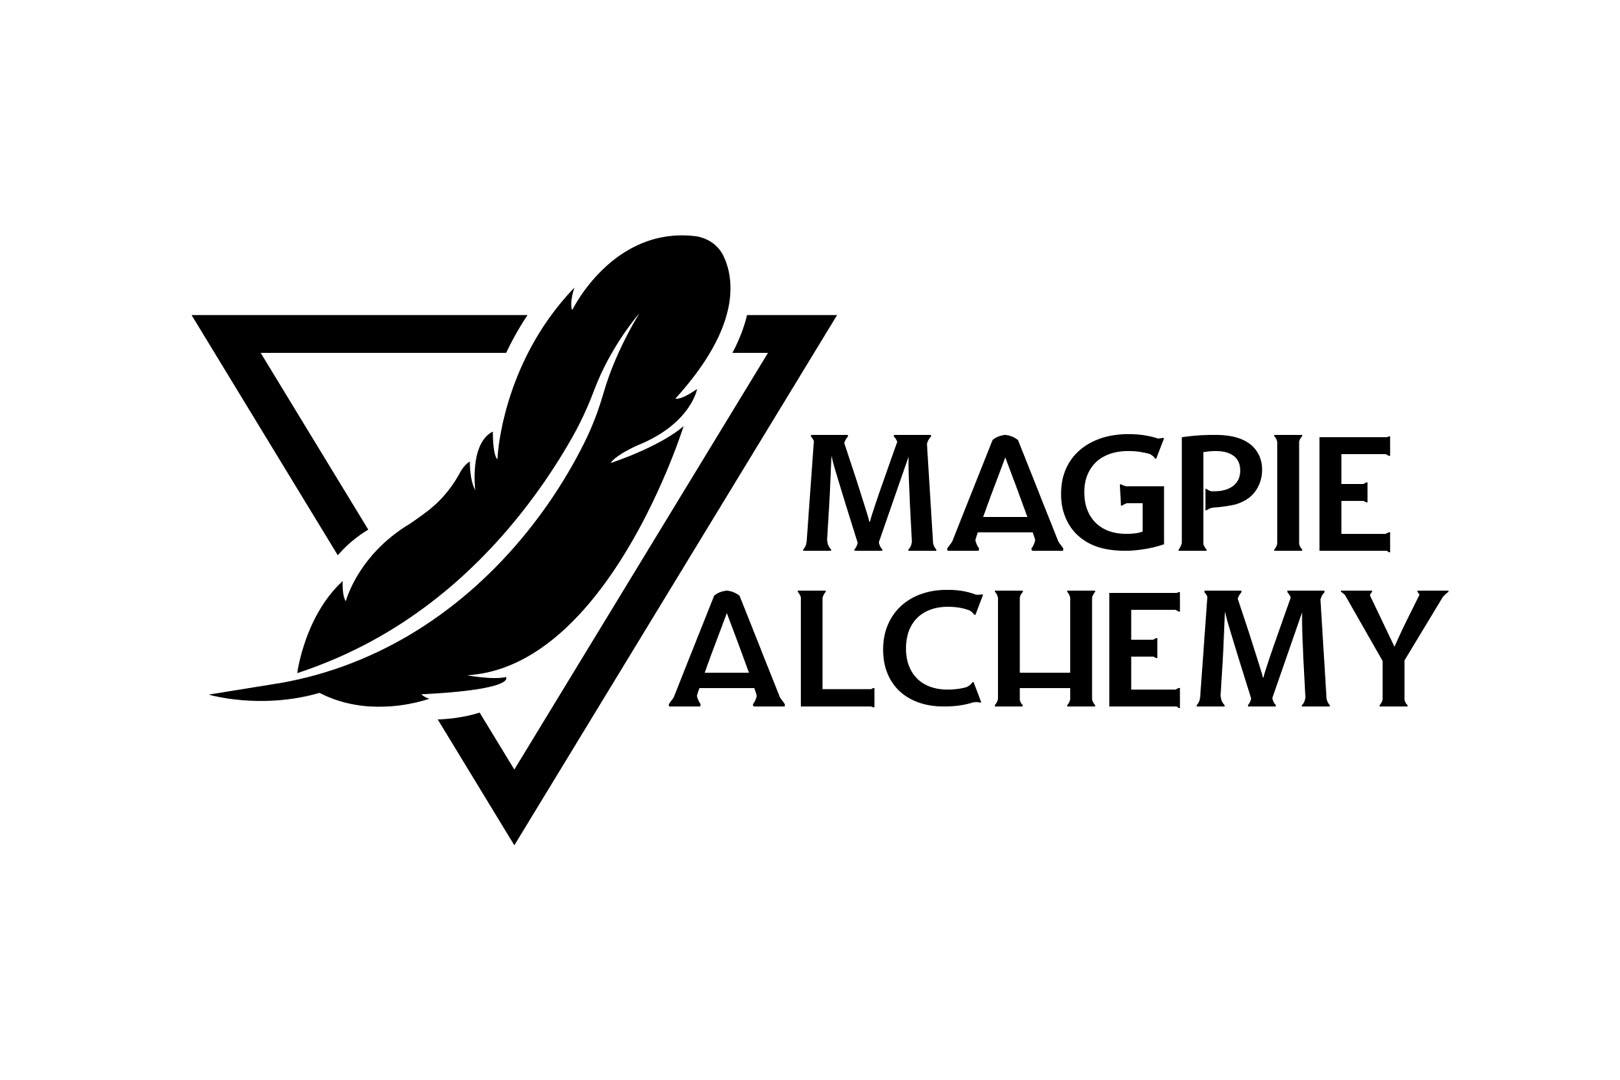 Magpie_Alchemy_logo_mock_0001_Layer 6